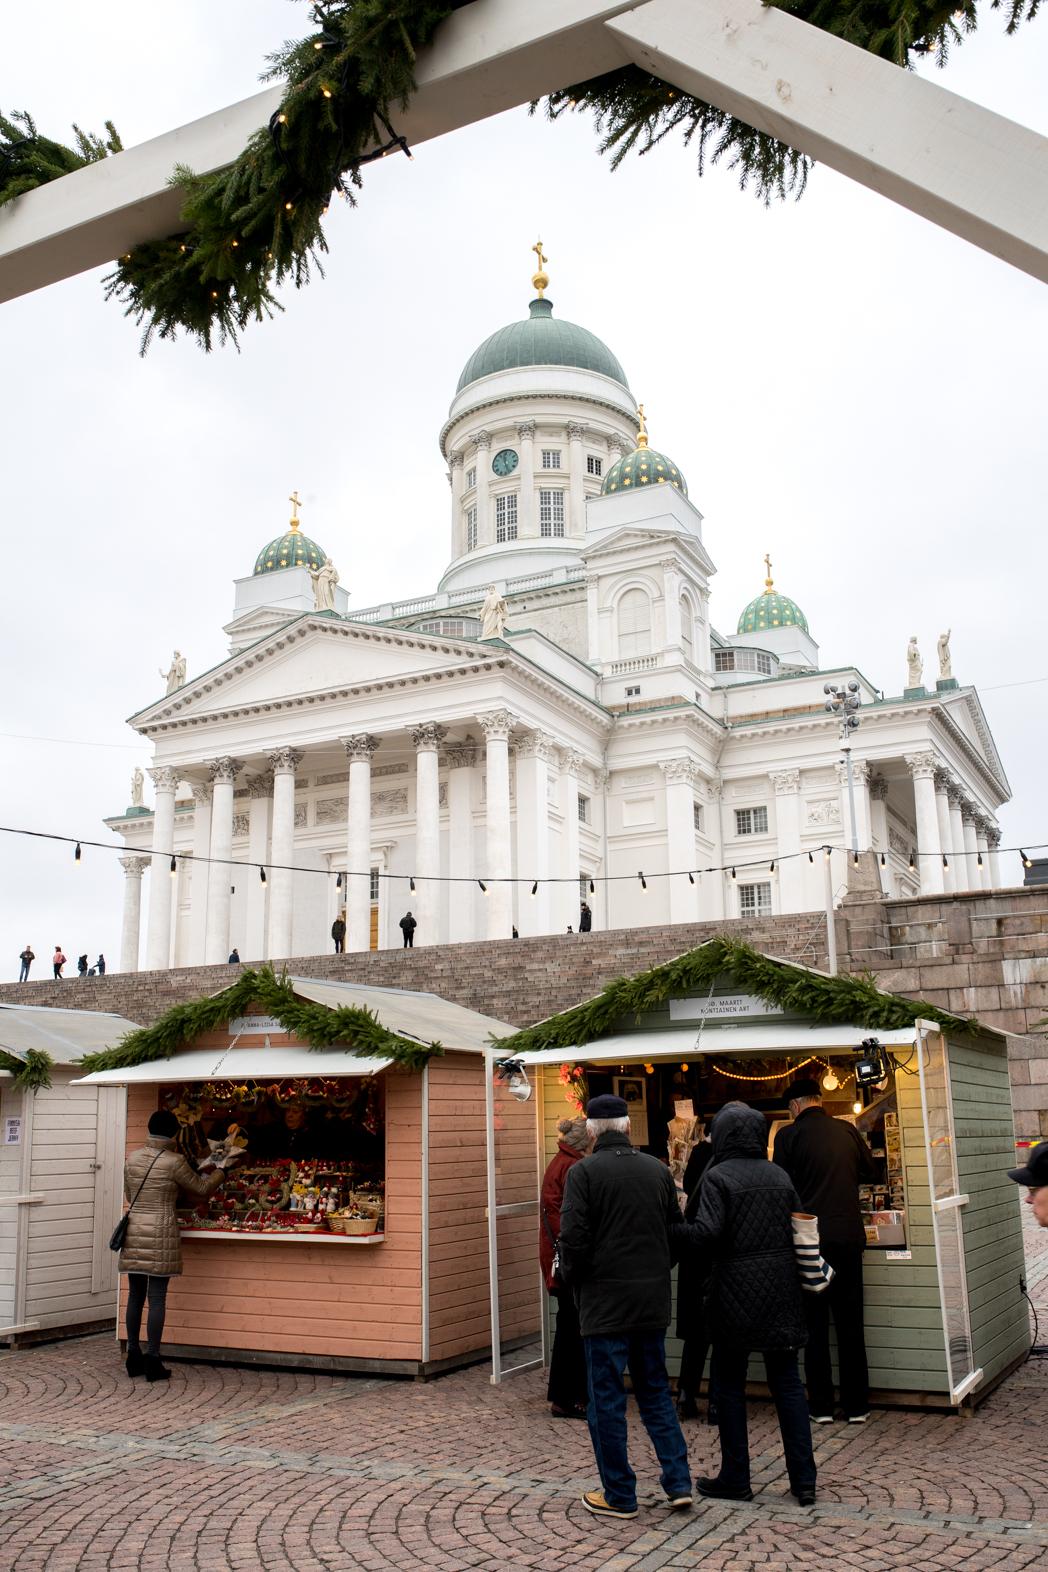 Stacie Flinner Christmas in Helskini Finland-5.jpg